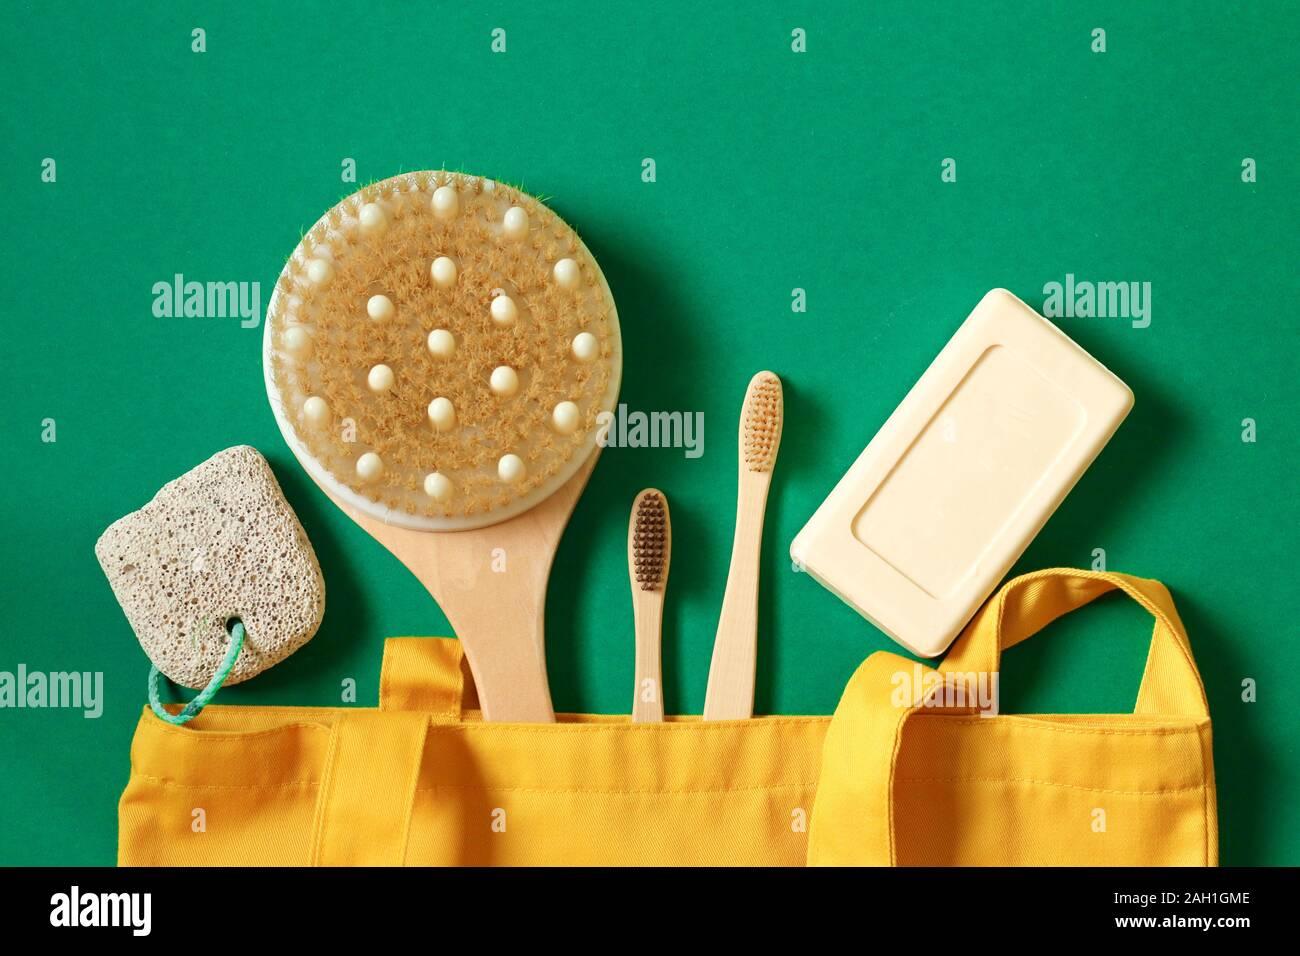 Concepto de residuo cero y el cuidado del medio ambiente. Eco friendly Bolsas textiles, jabón, cepillo de dientes, jabón de bambú accesorios sobre un fondo verde. Vista superior Foto de stock